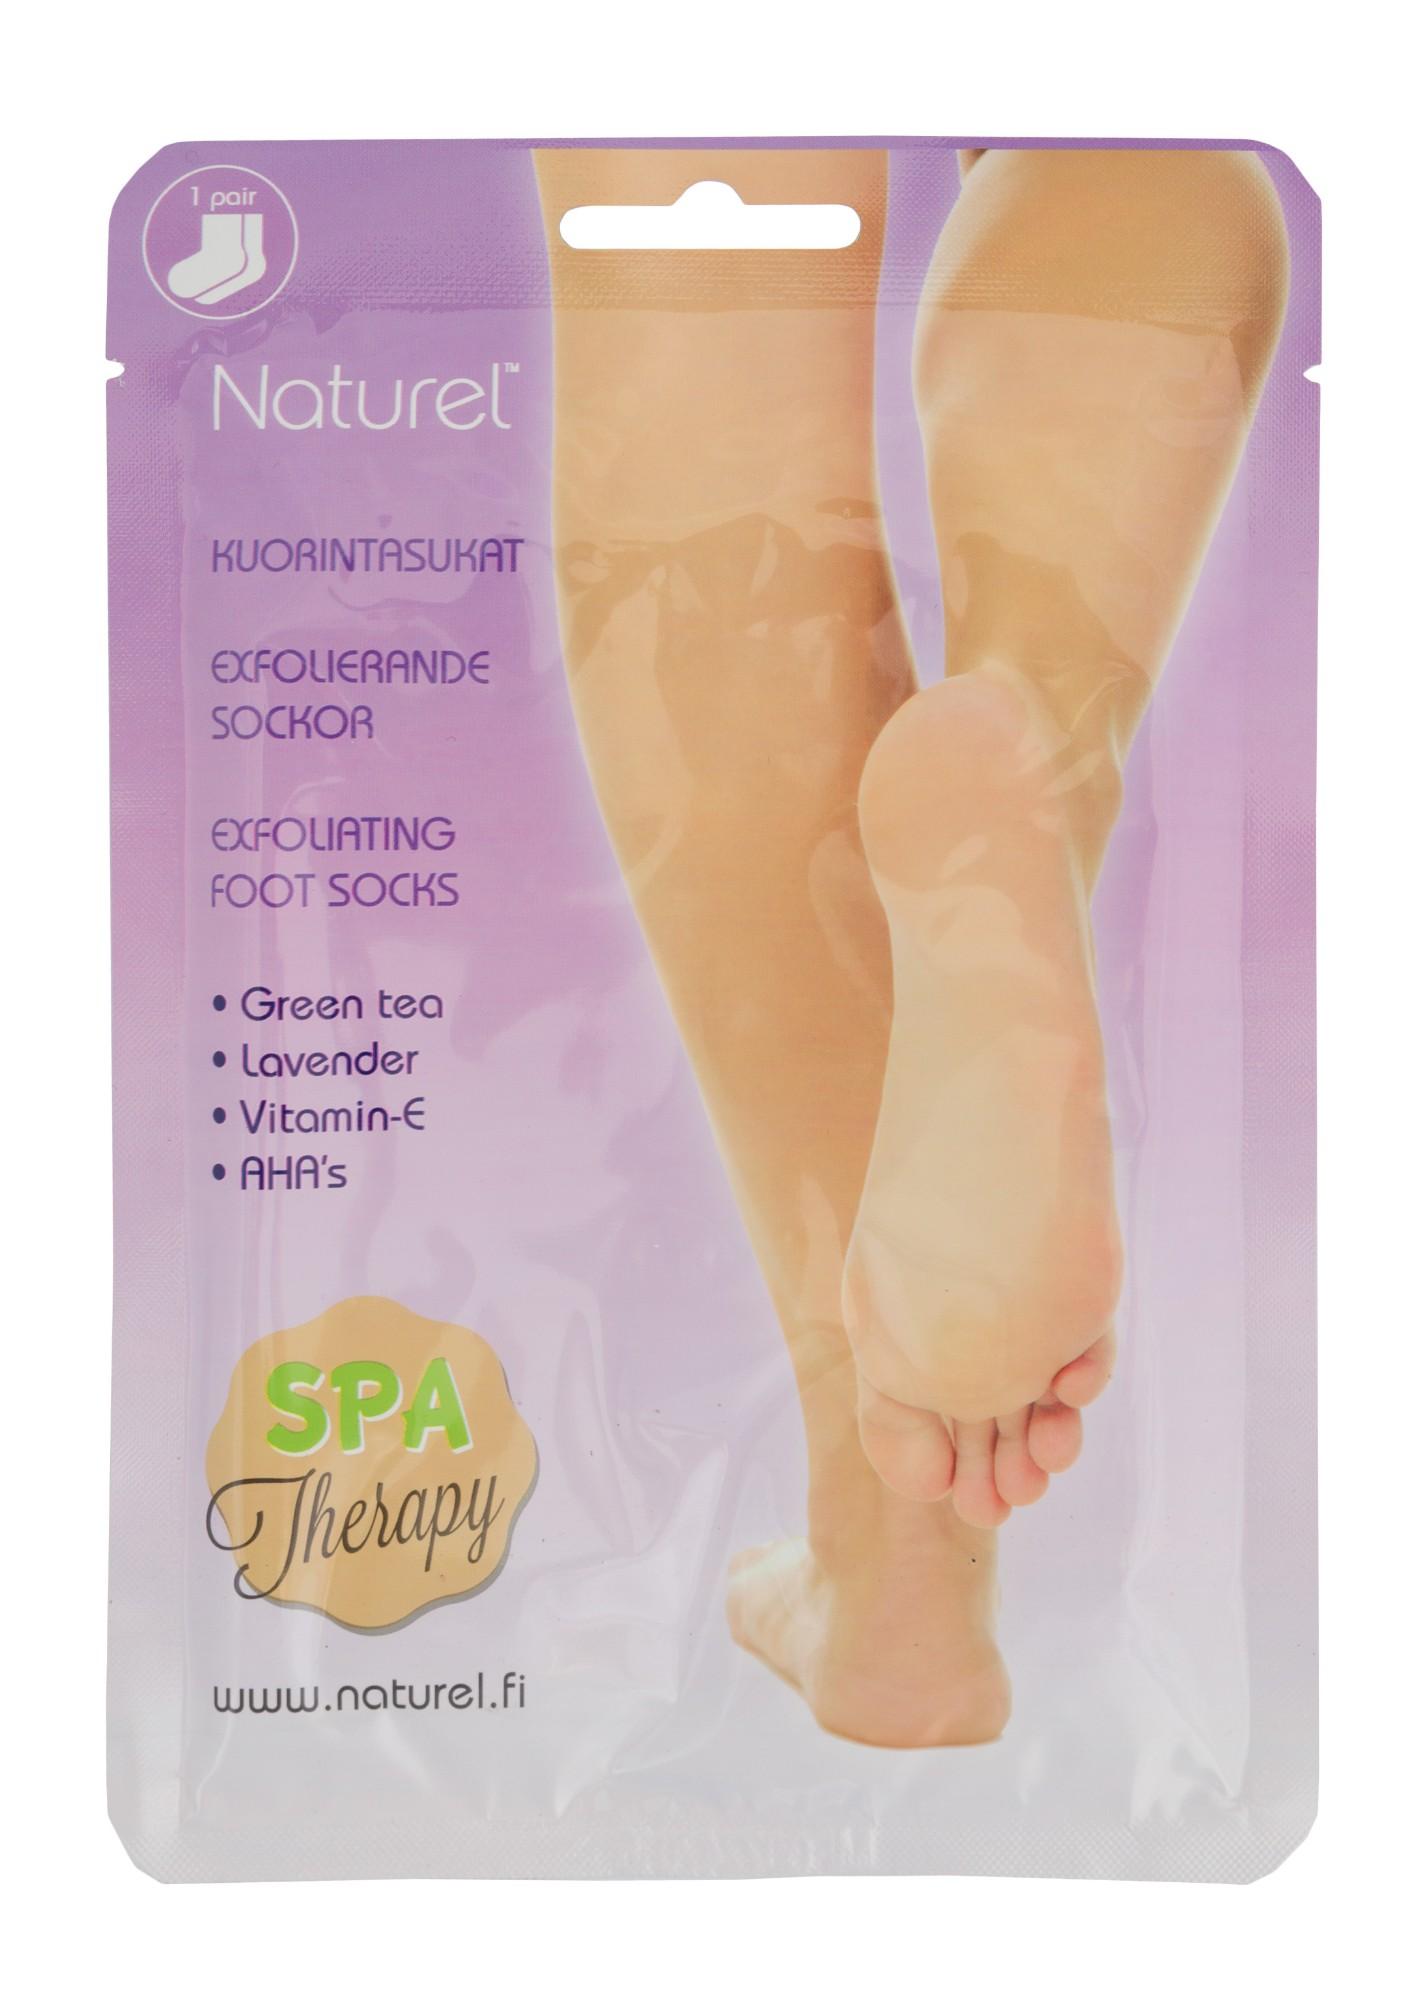 Šveičiamoji kojų kaukė – kojinės Naturel su AHA rūgštimis, žaliąja arbata ir vitaminu E, 20gx2